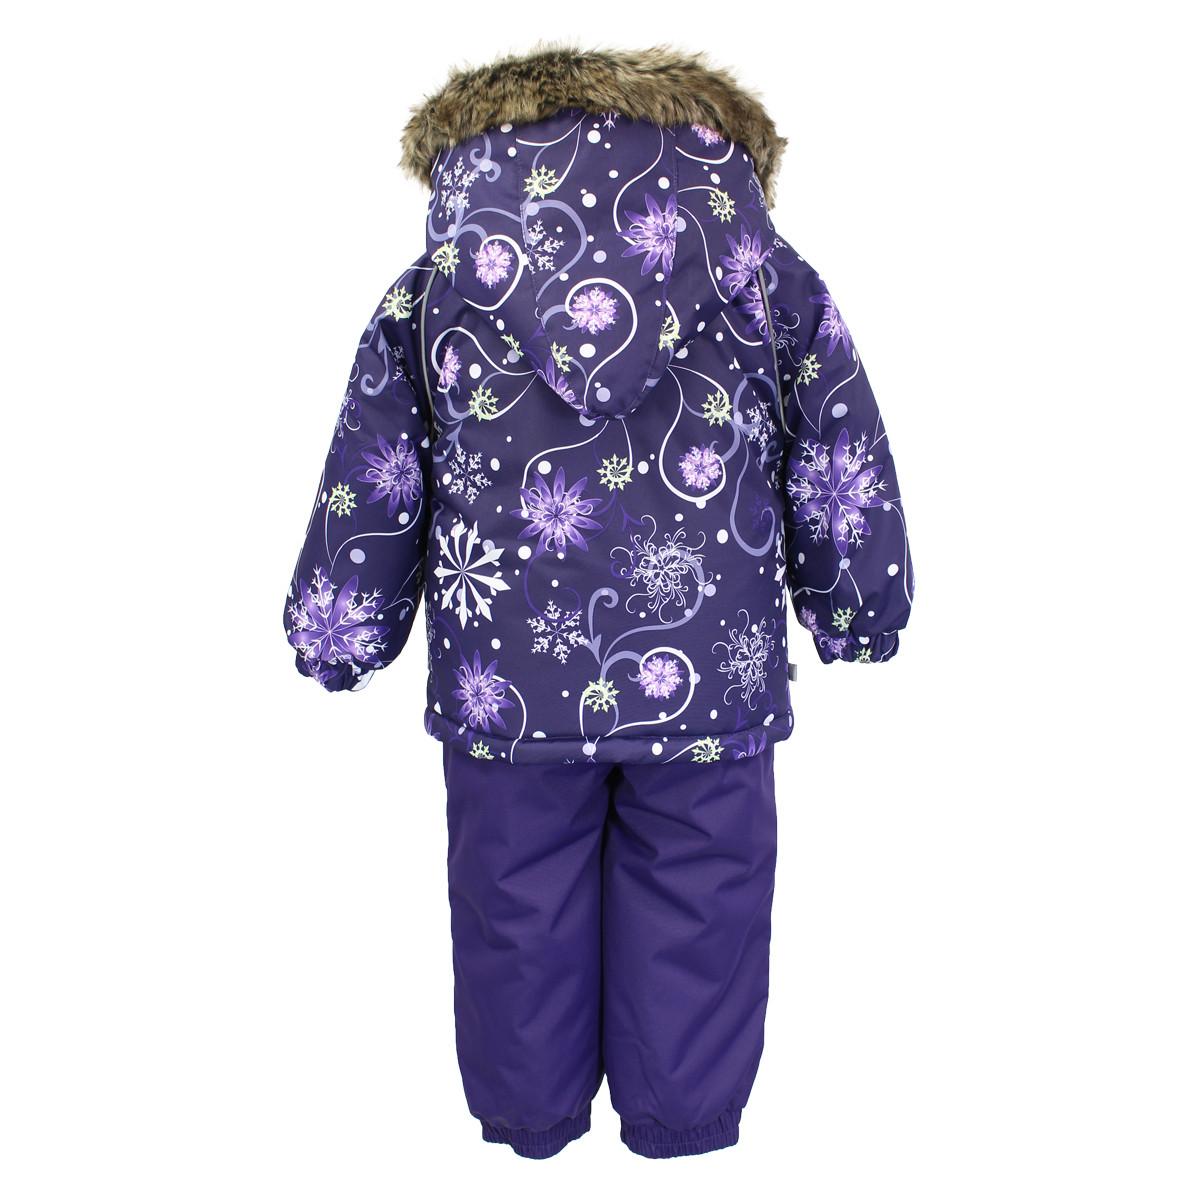 Детский комплект Huppa AVERY, лиловый с принтом/темно-лиловый - 98 - фото 2